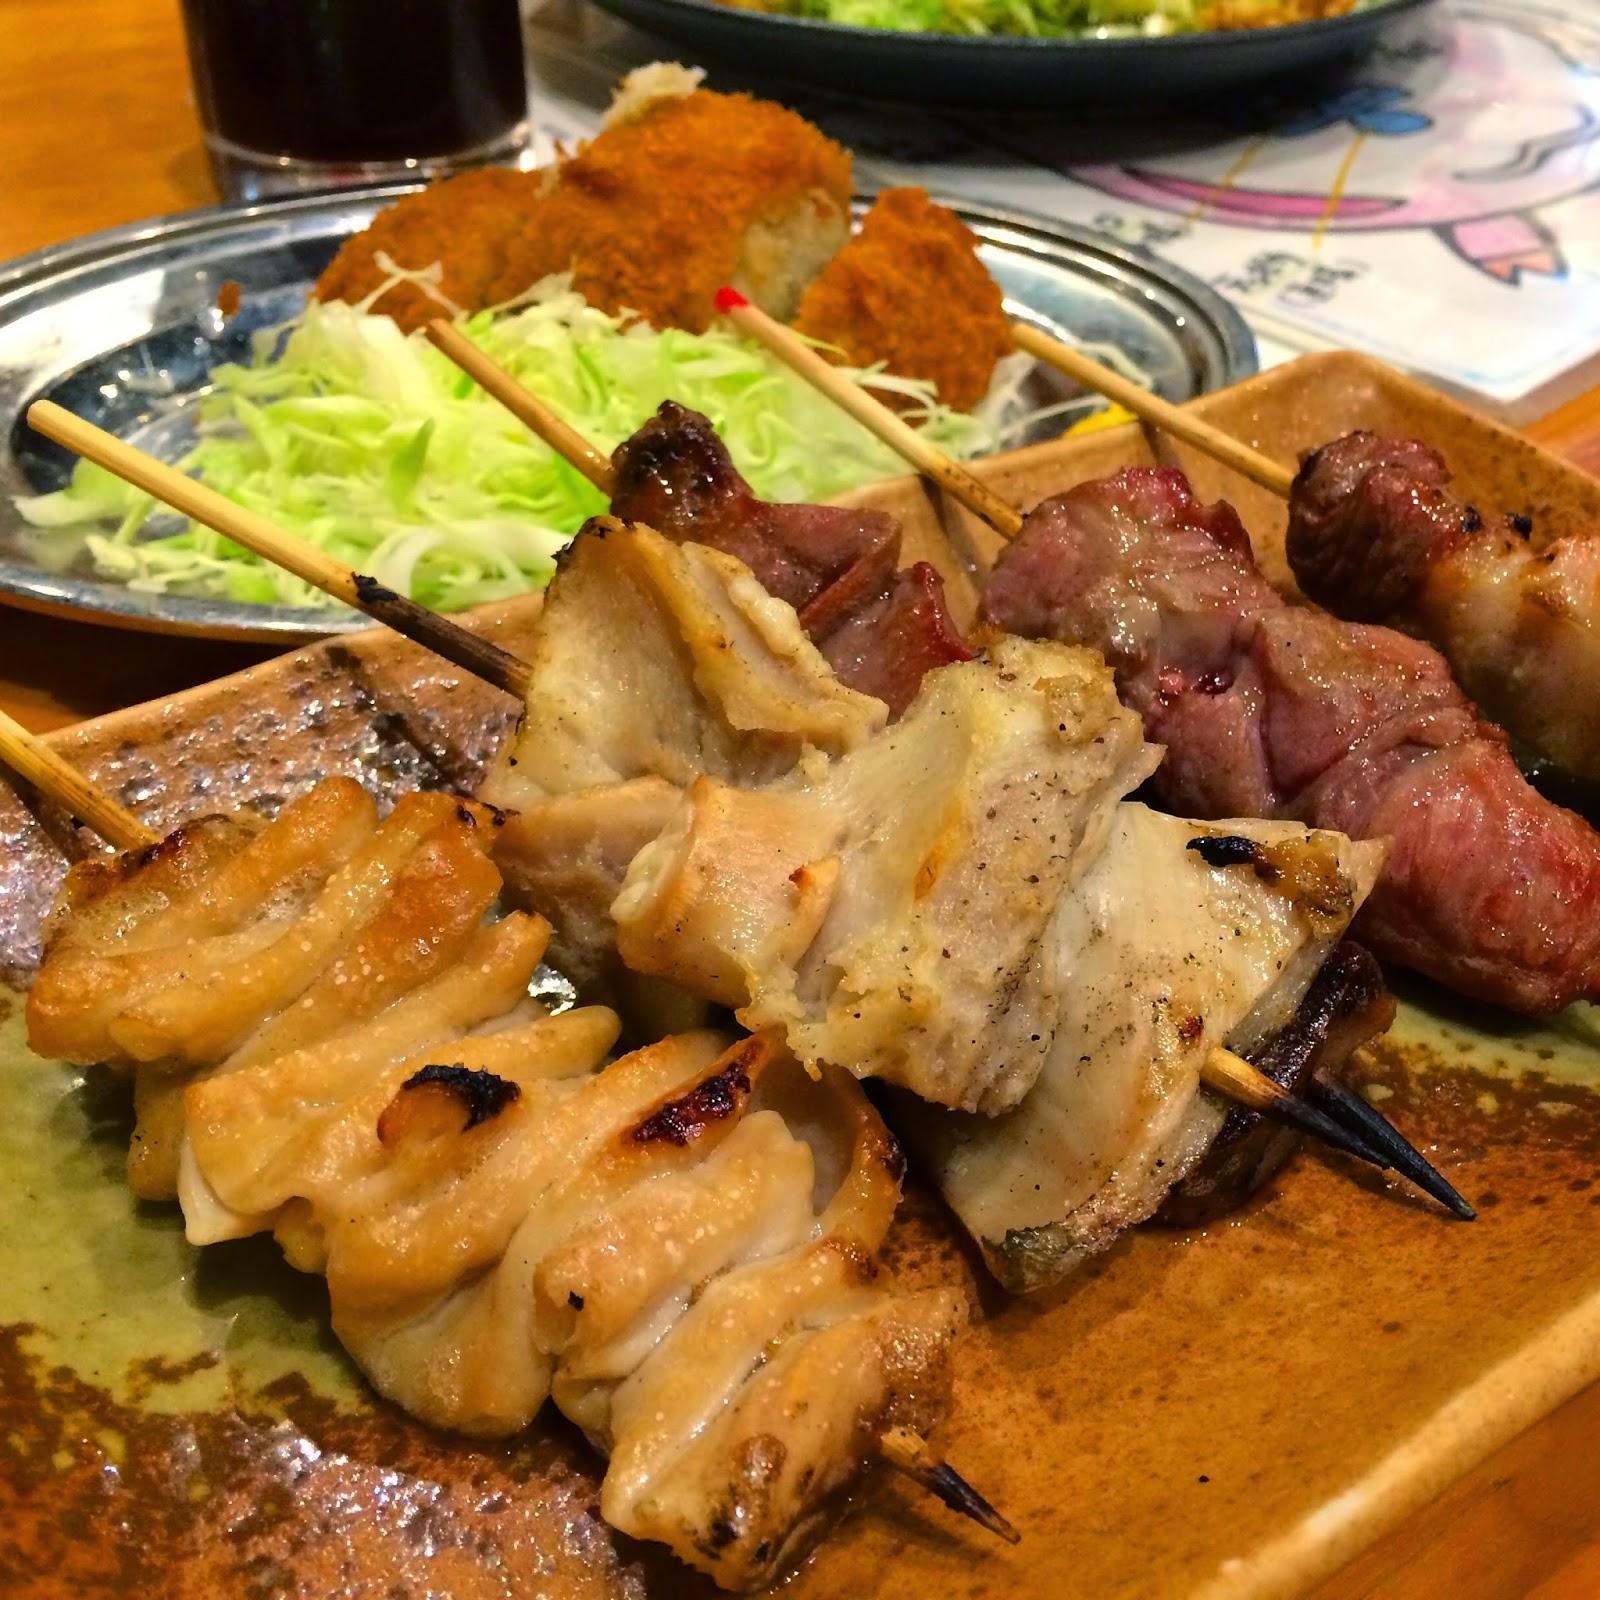 japan Japanese food tokyo izakaya yakiton pork